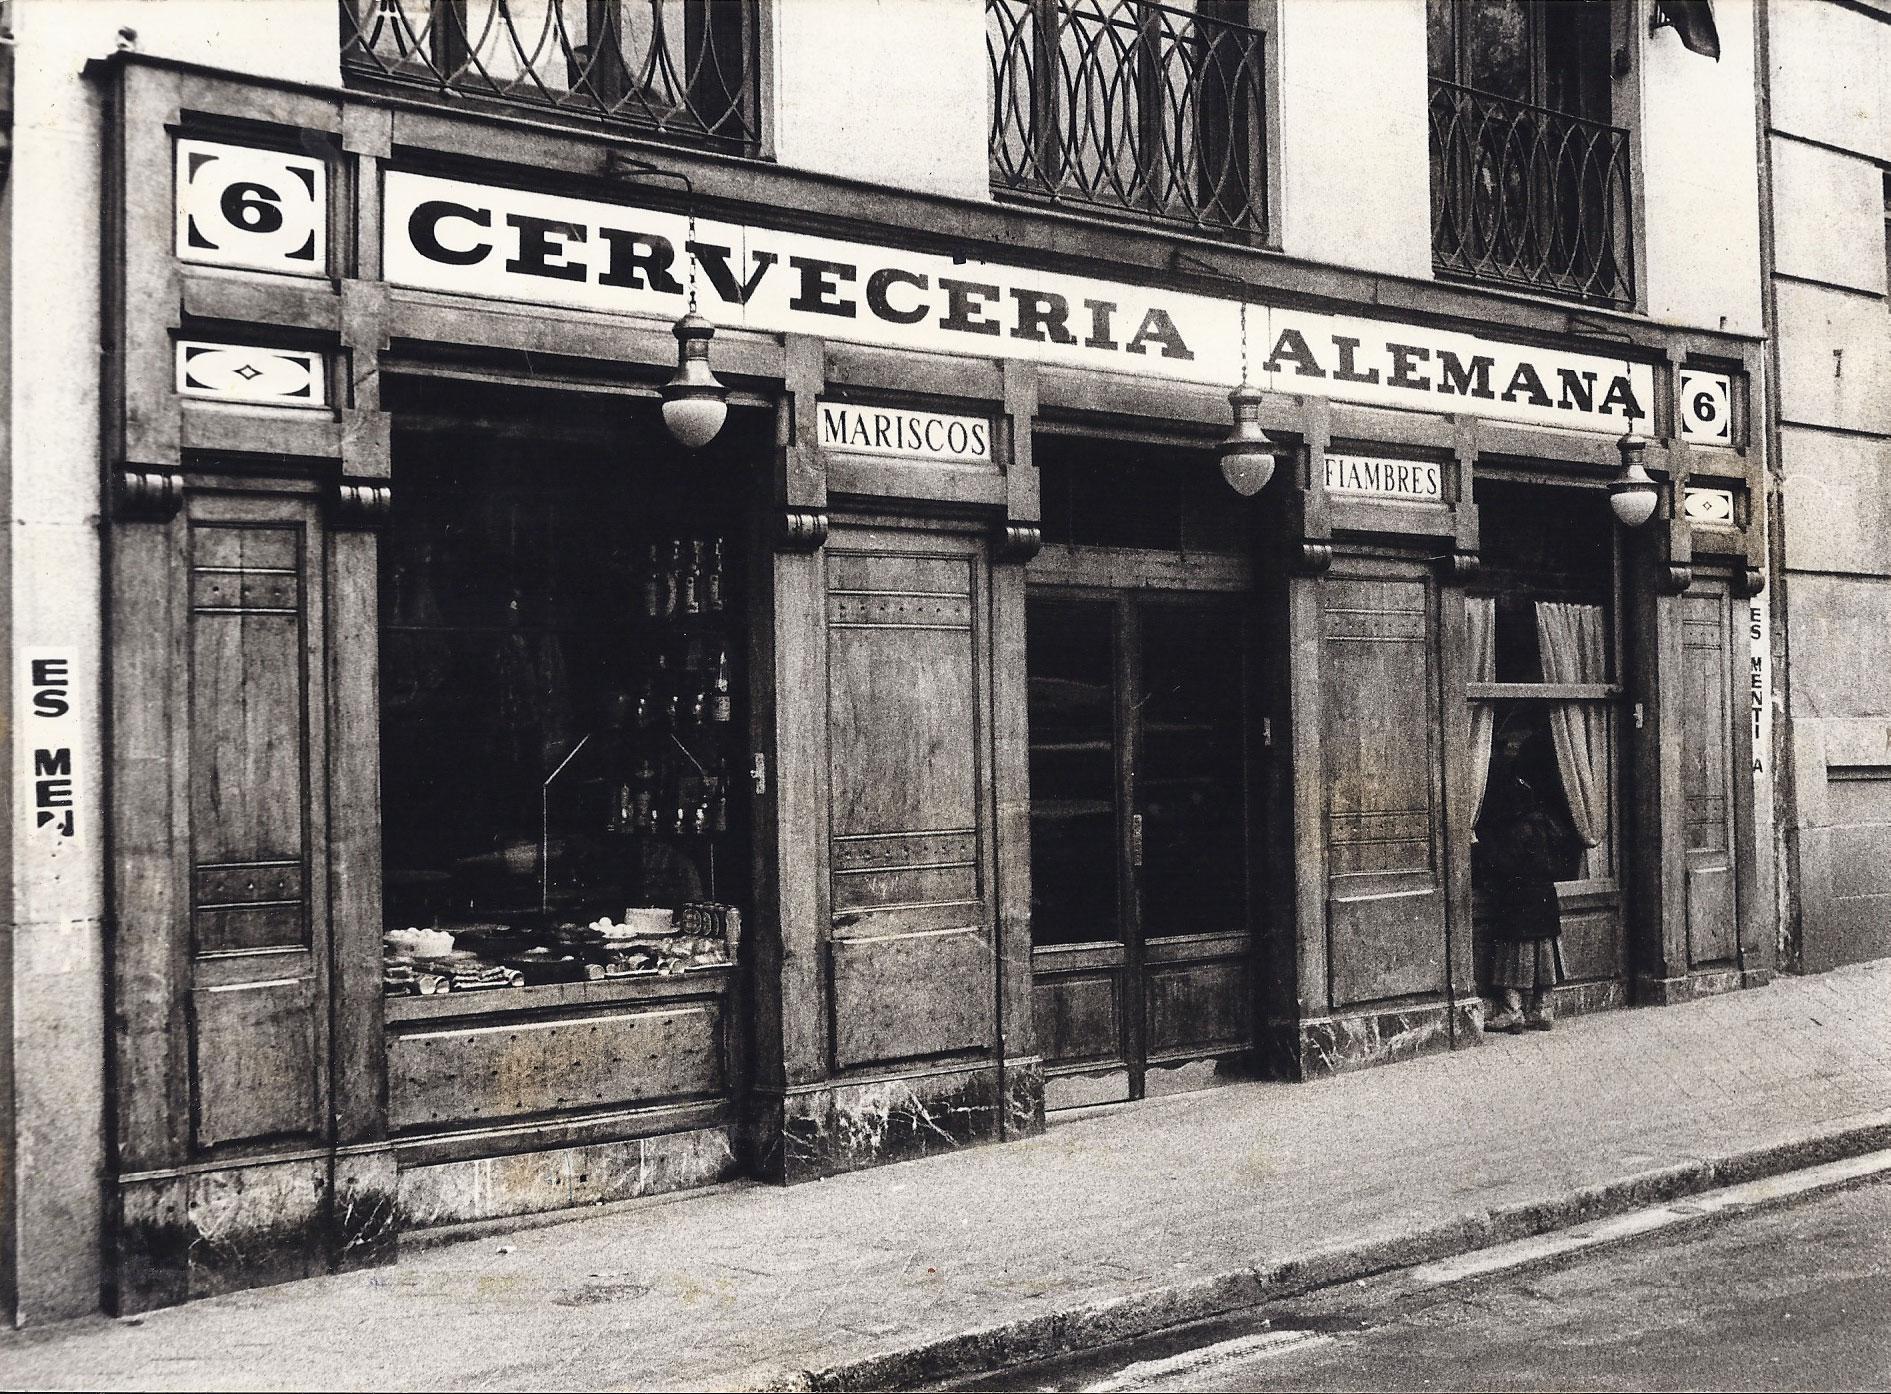 1904, LA ALEMANA OPENS ITS DOORS